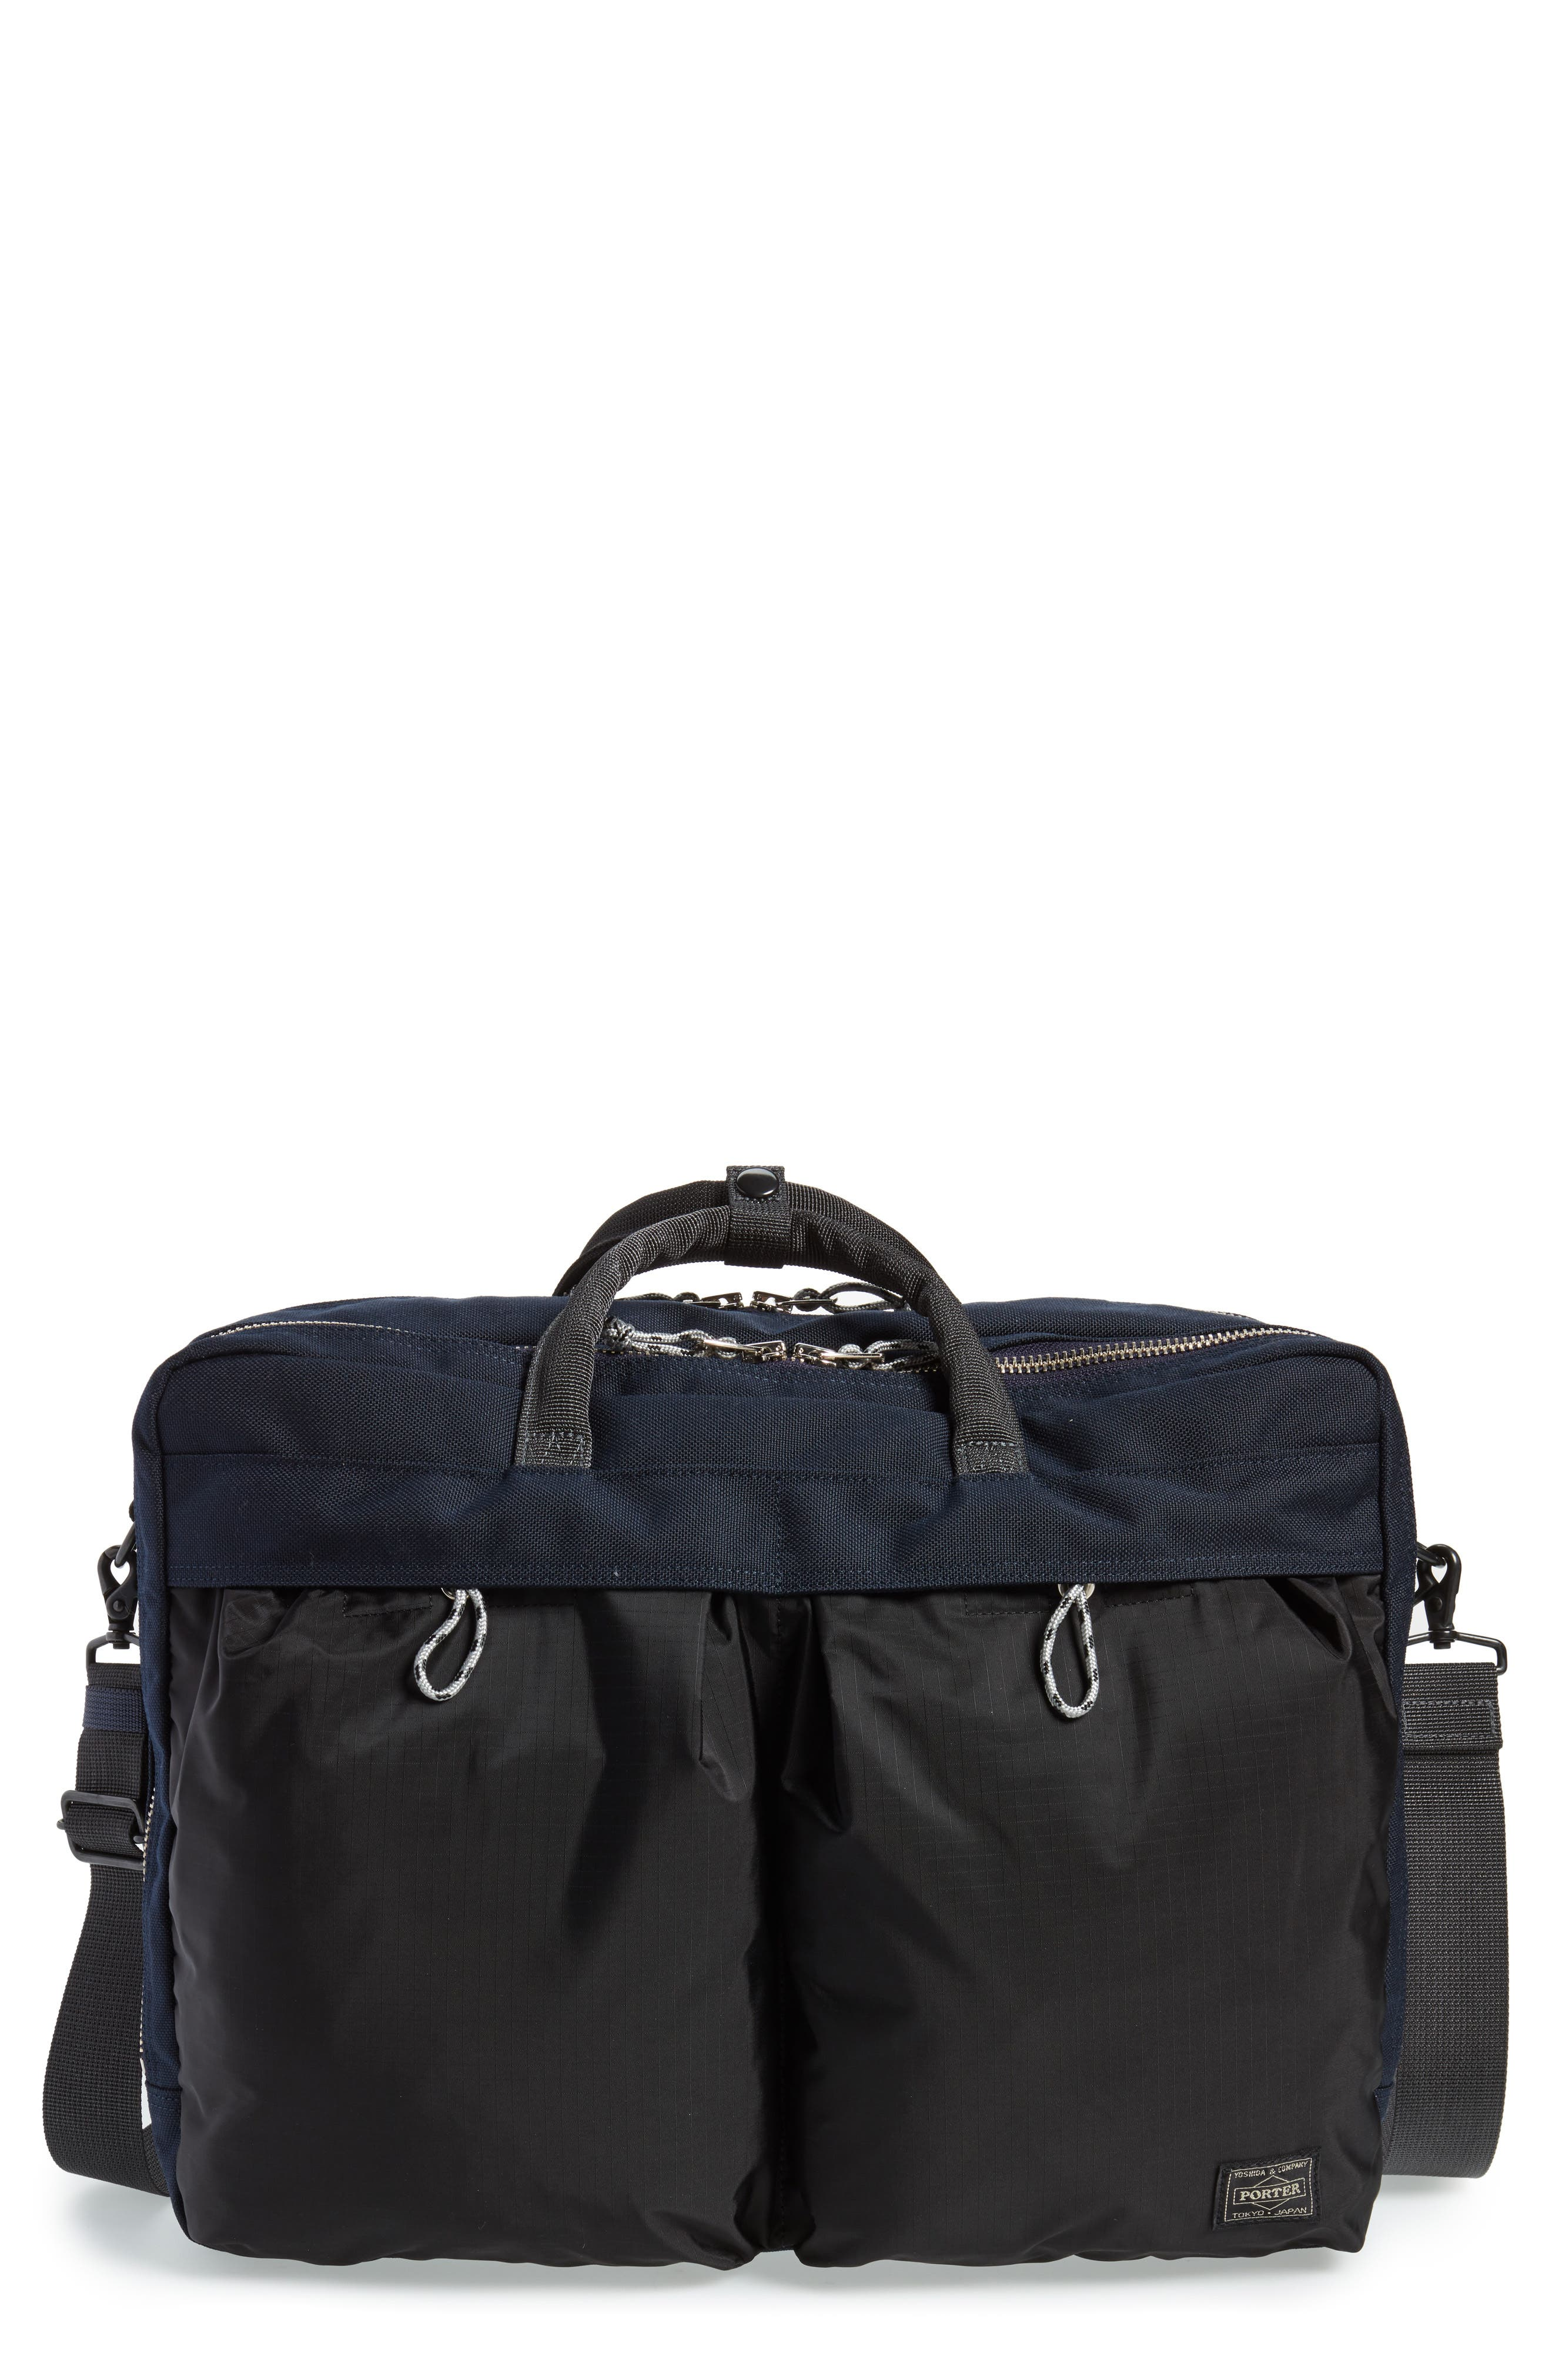 Porter-Yoshida & Co. Hype Convertible Briefcase,                             Main thumbnail 1, color,                             Navy/ Black